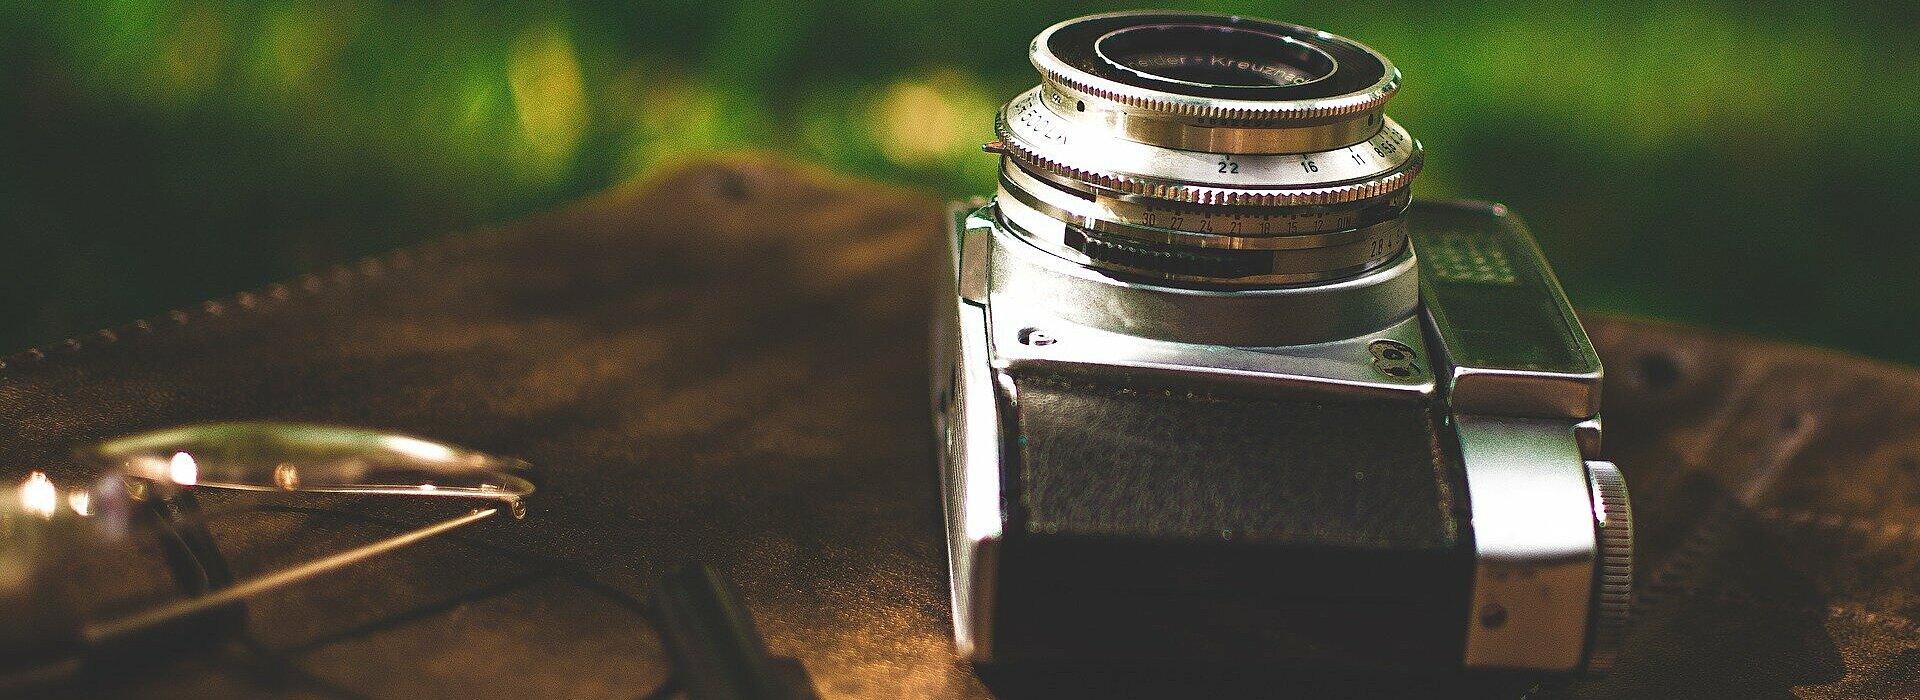 câmera fotográfica antiga sobre mesa de madeira, com uma lupa desfocada em primeiro plano e óculos ao lado.